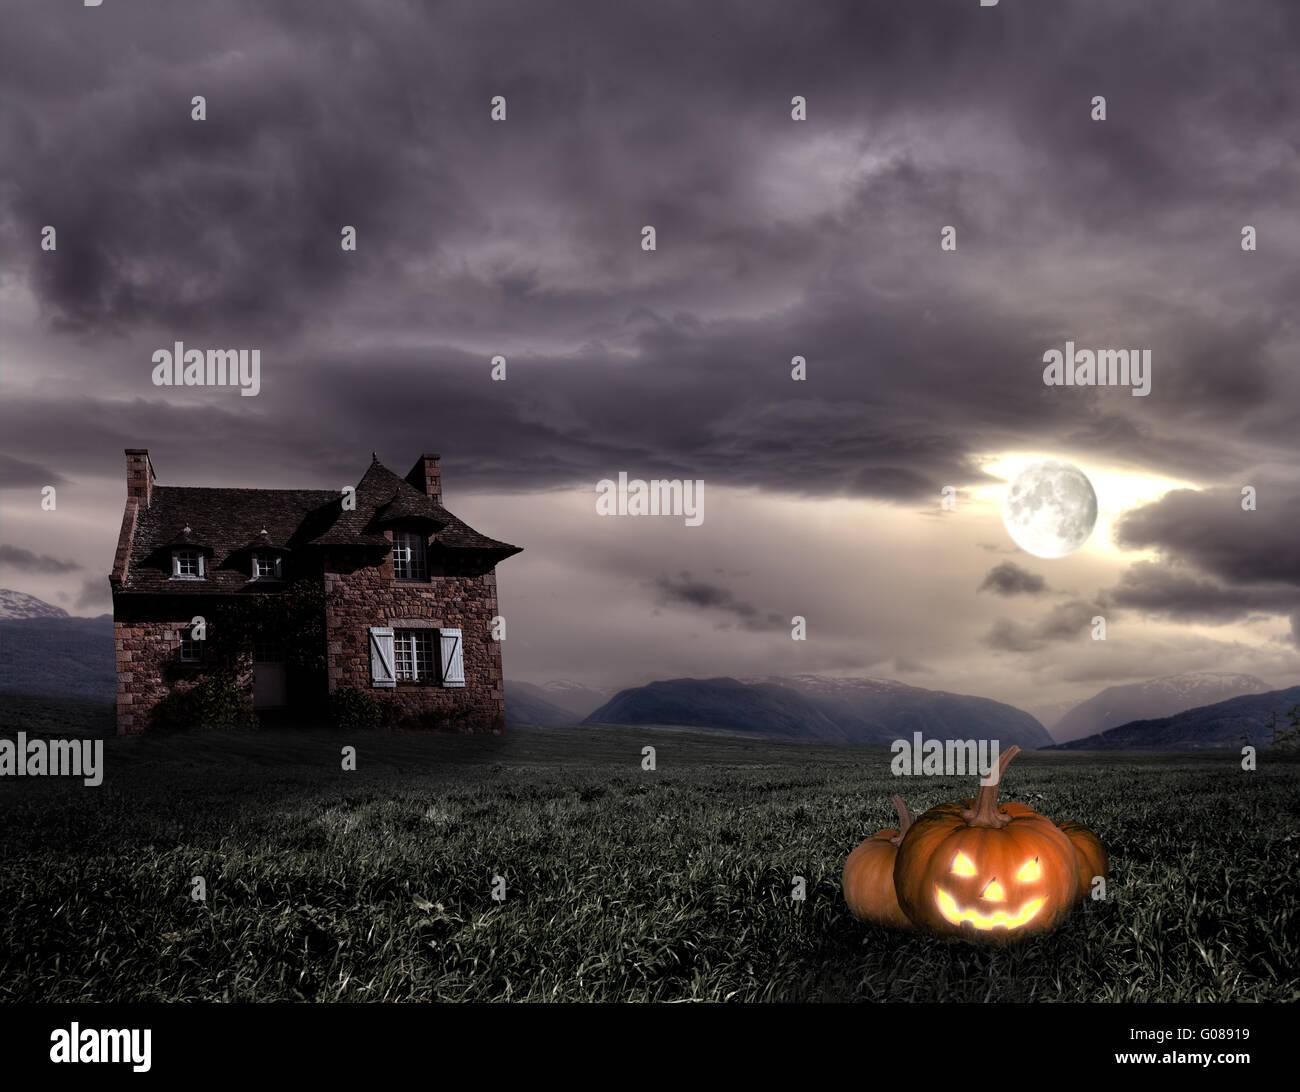 Halloween apocalíptico paisaje con casa vieja y calabaza Imagen De Stock